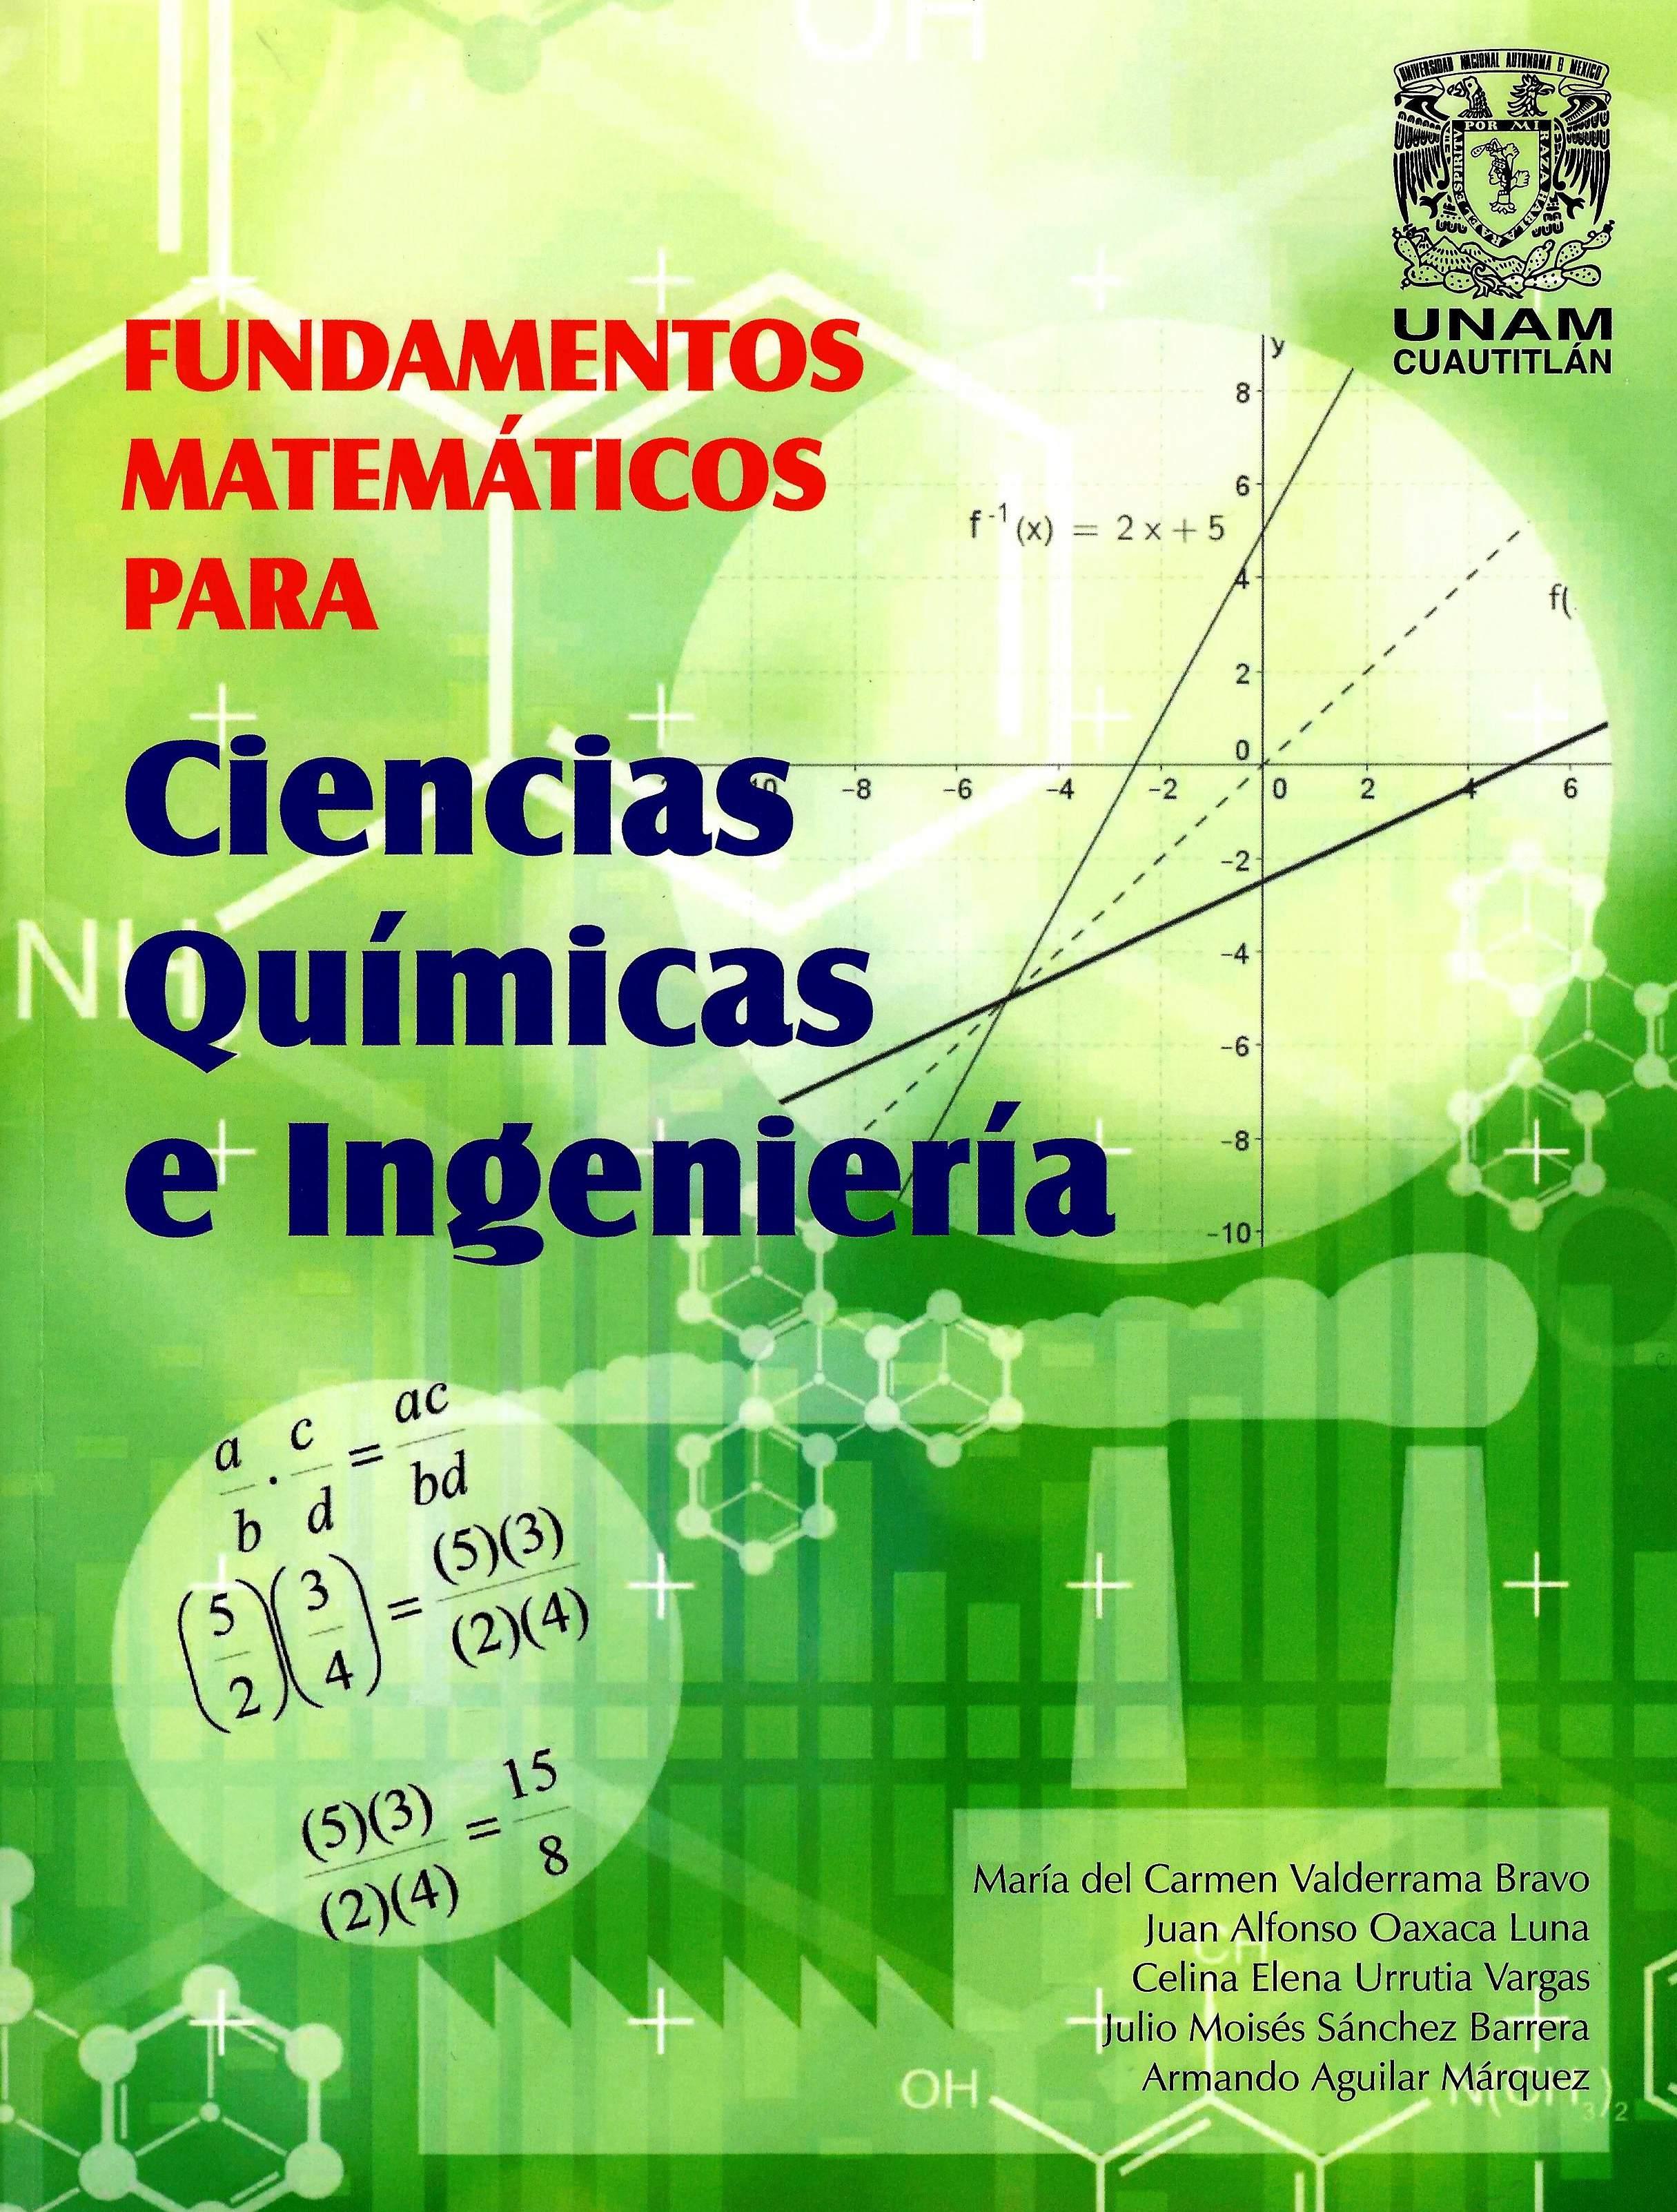 Fundamentos matemáticos para ciencias químicas e ingeniería